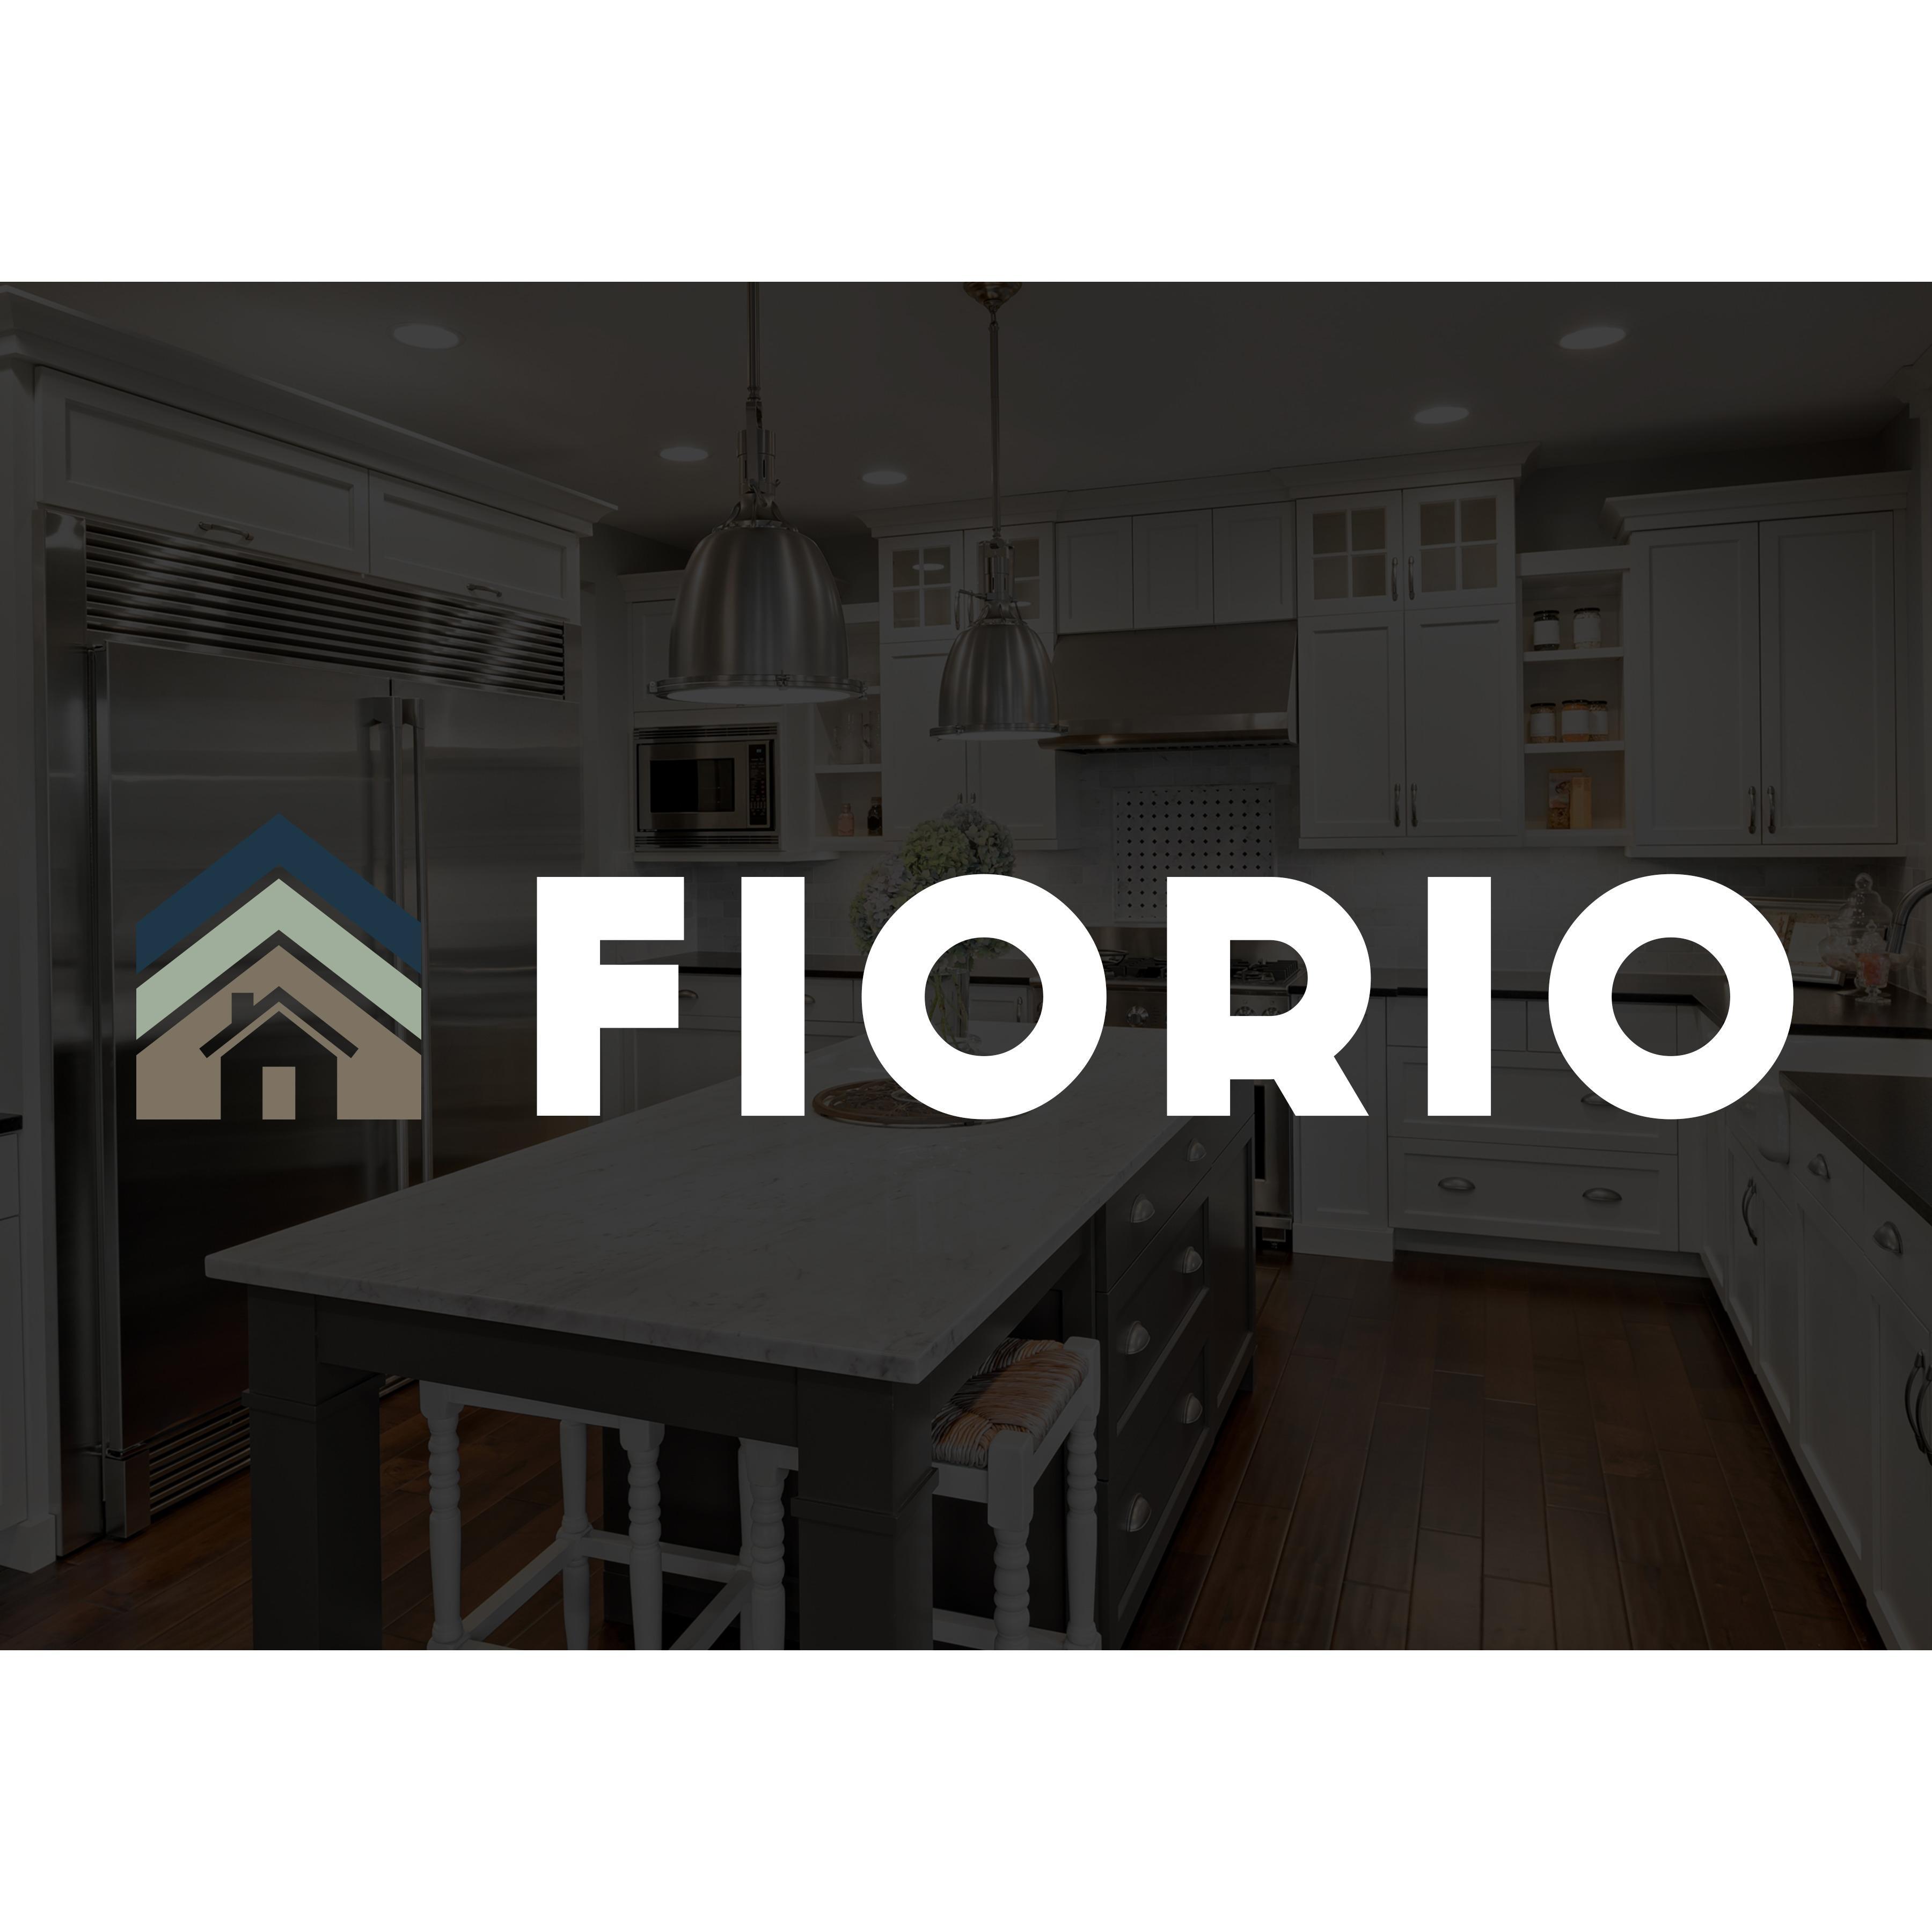 Fiorio Building Company